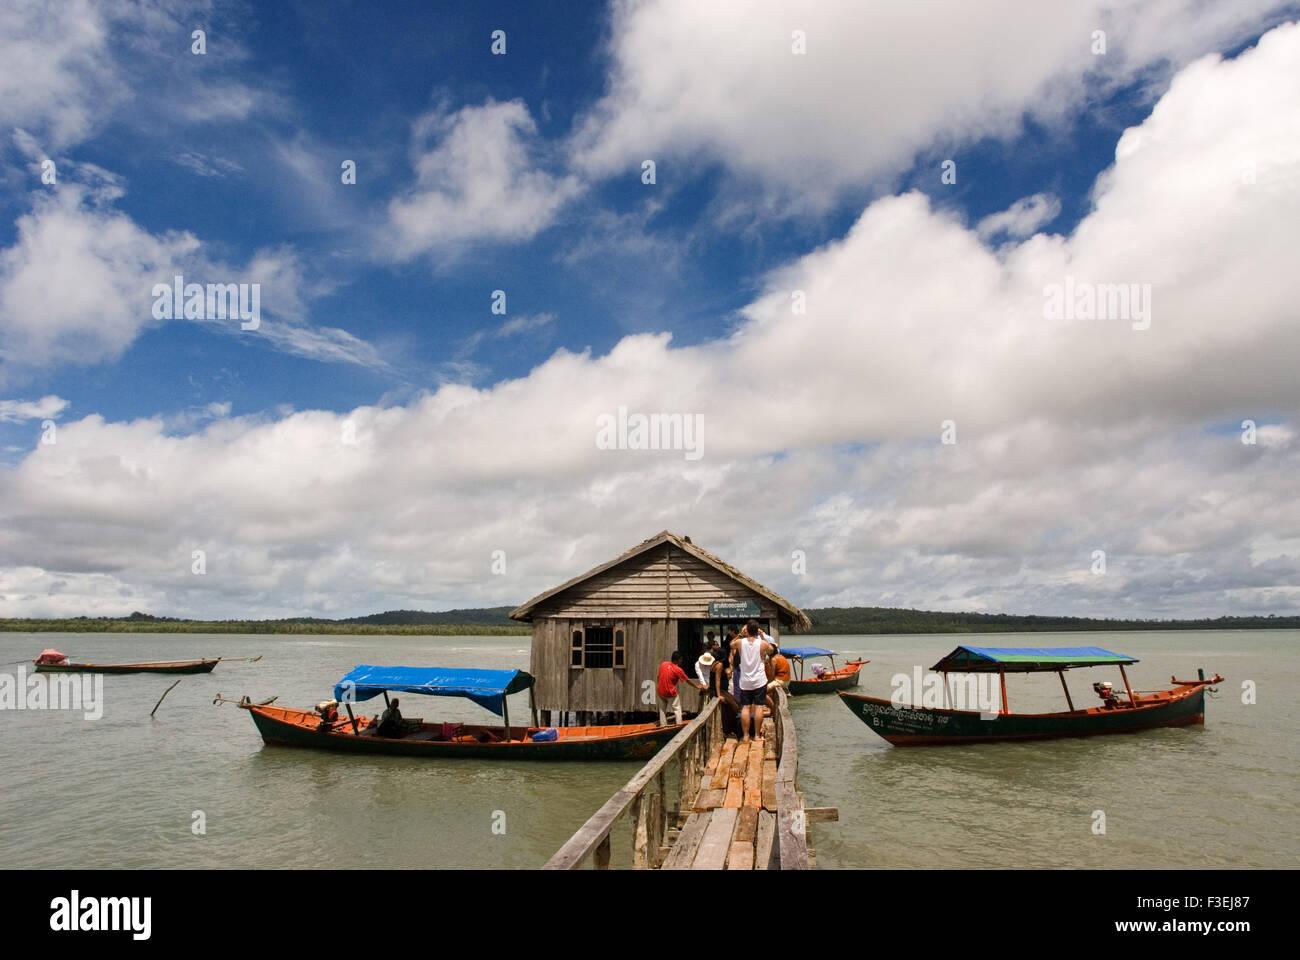 Cabaña en el Parque Nacional de Ream. El Parque Nacional de Ream es un prístino Parque marítimo justo fuera de Sihanoukville. Notable por su mangro Foto de stock